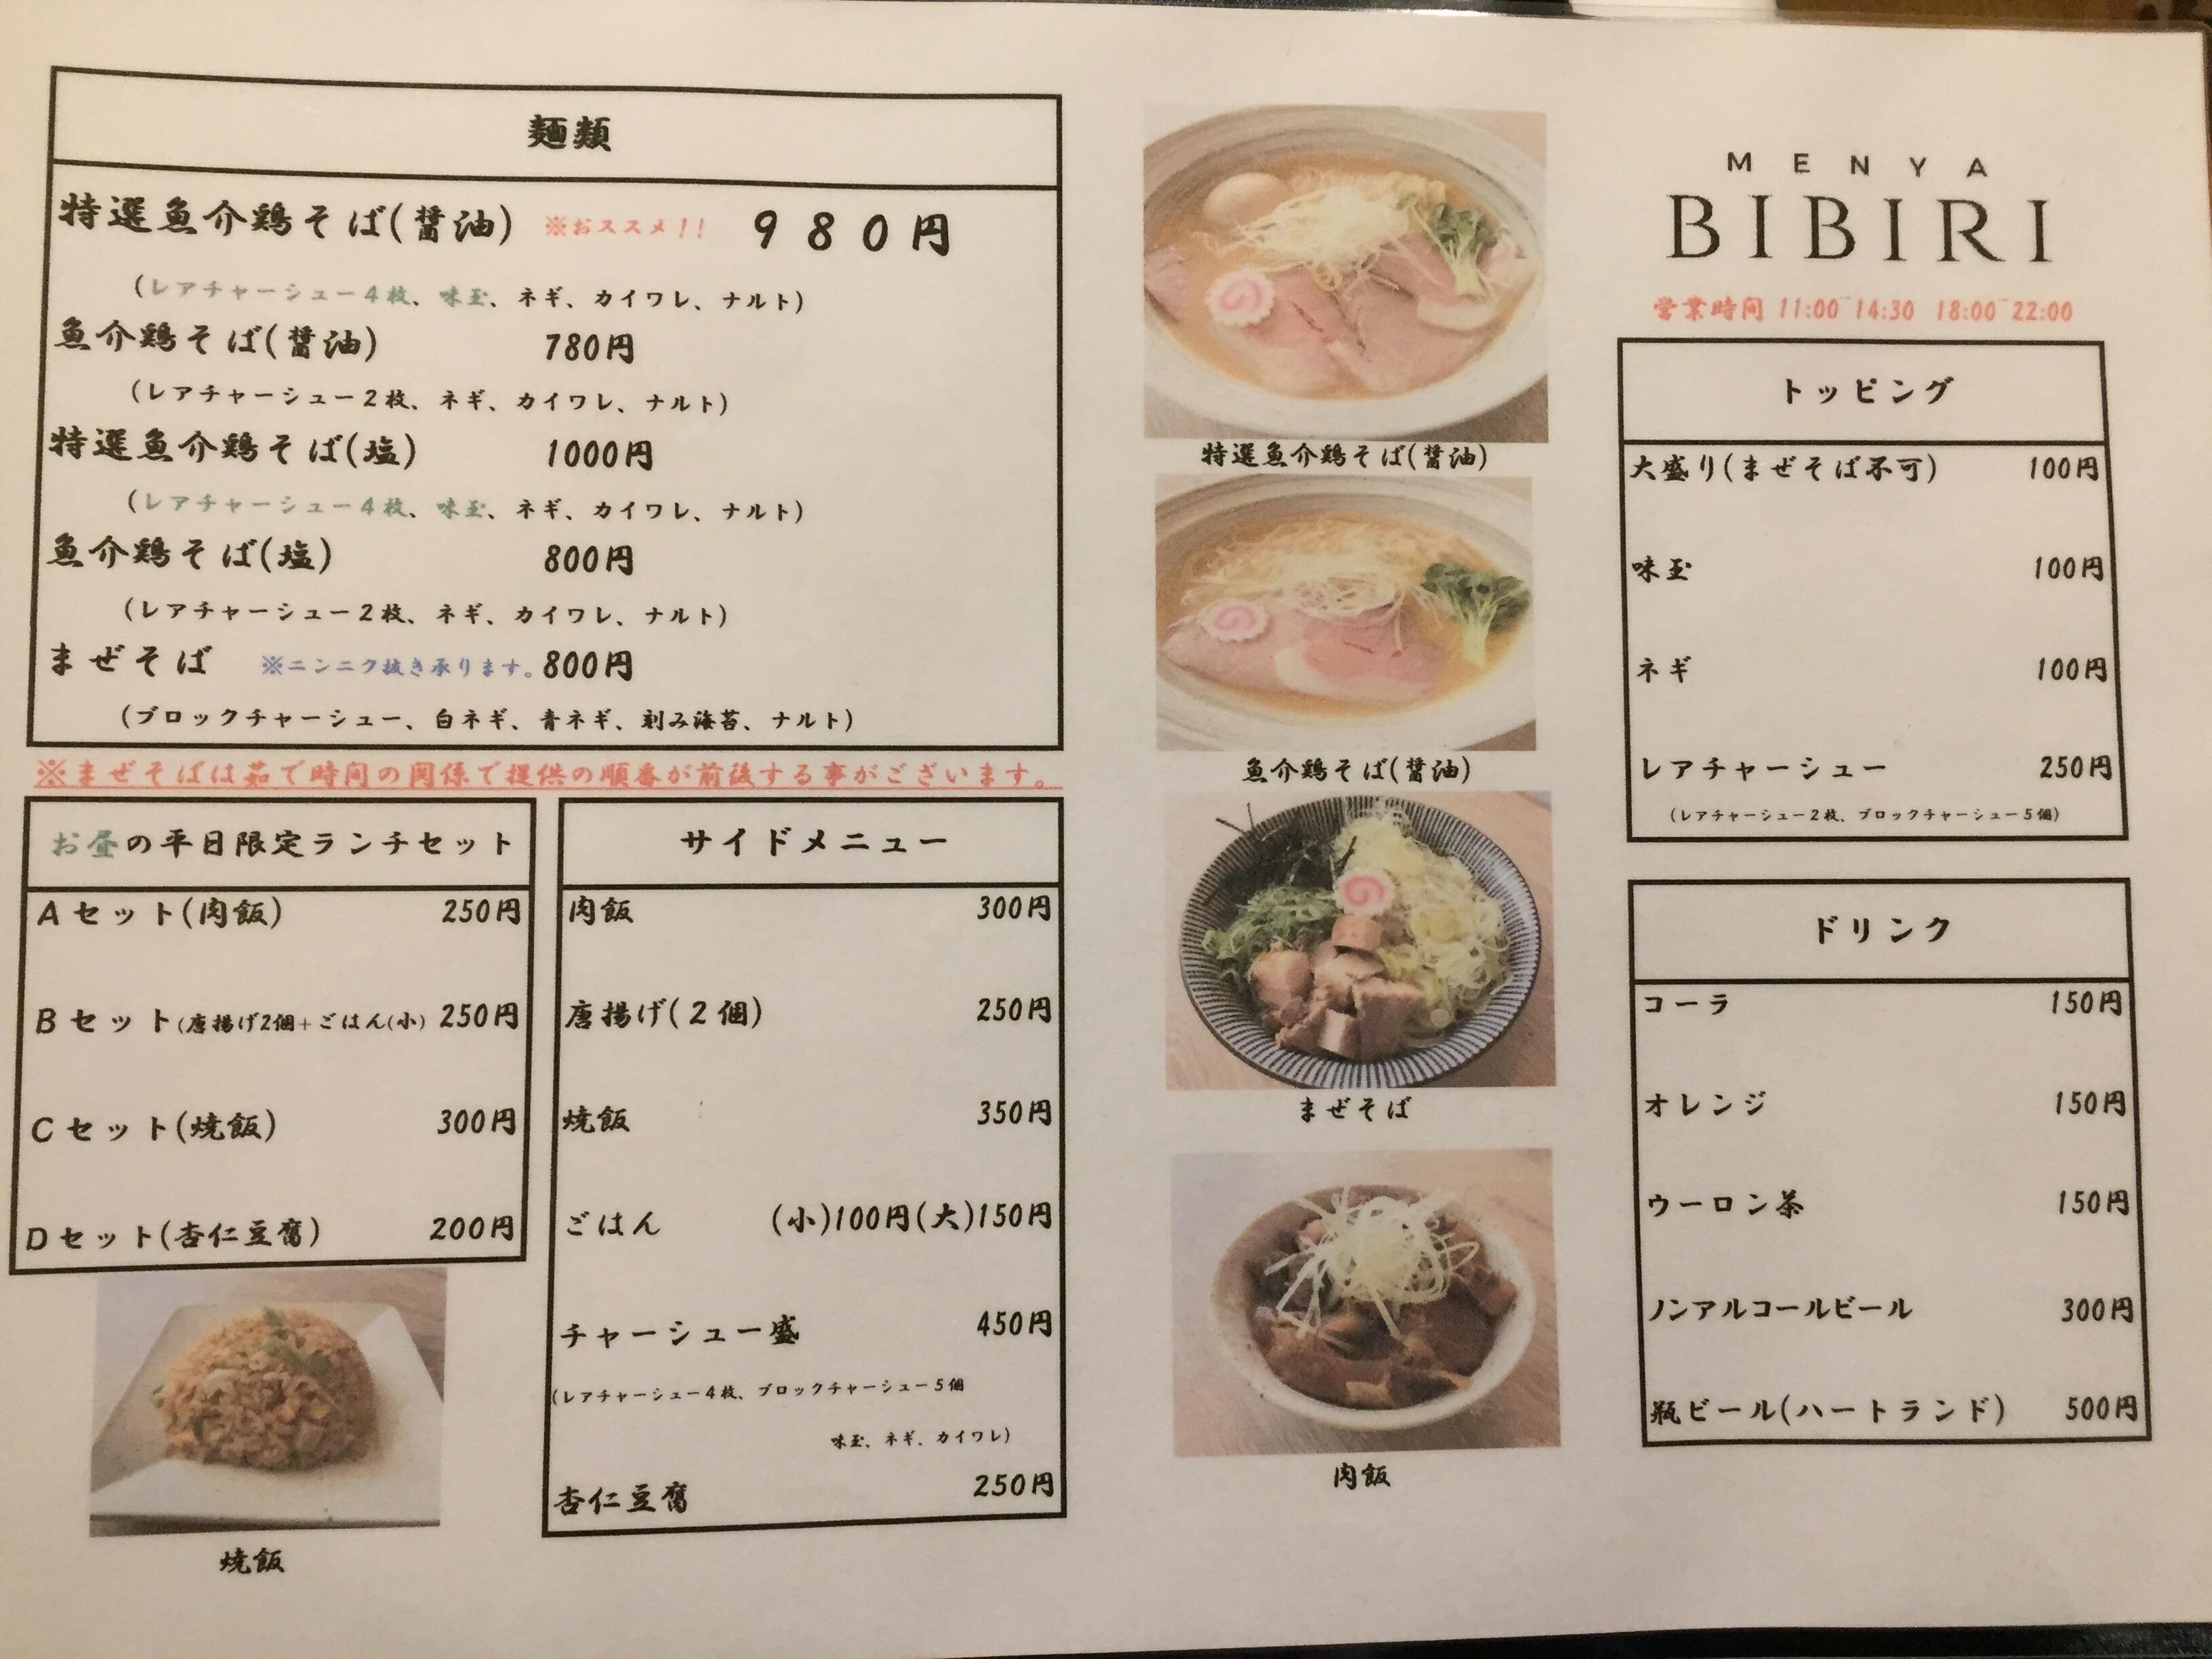 麺屋びびりのメニュー